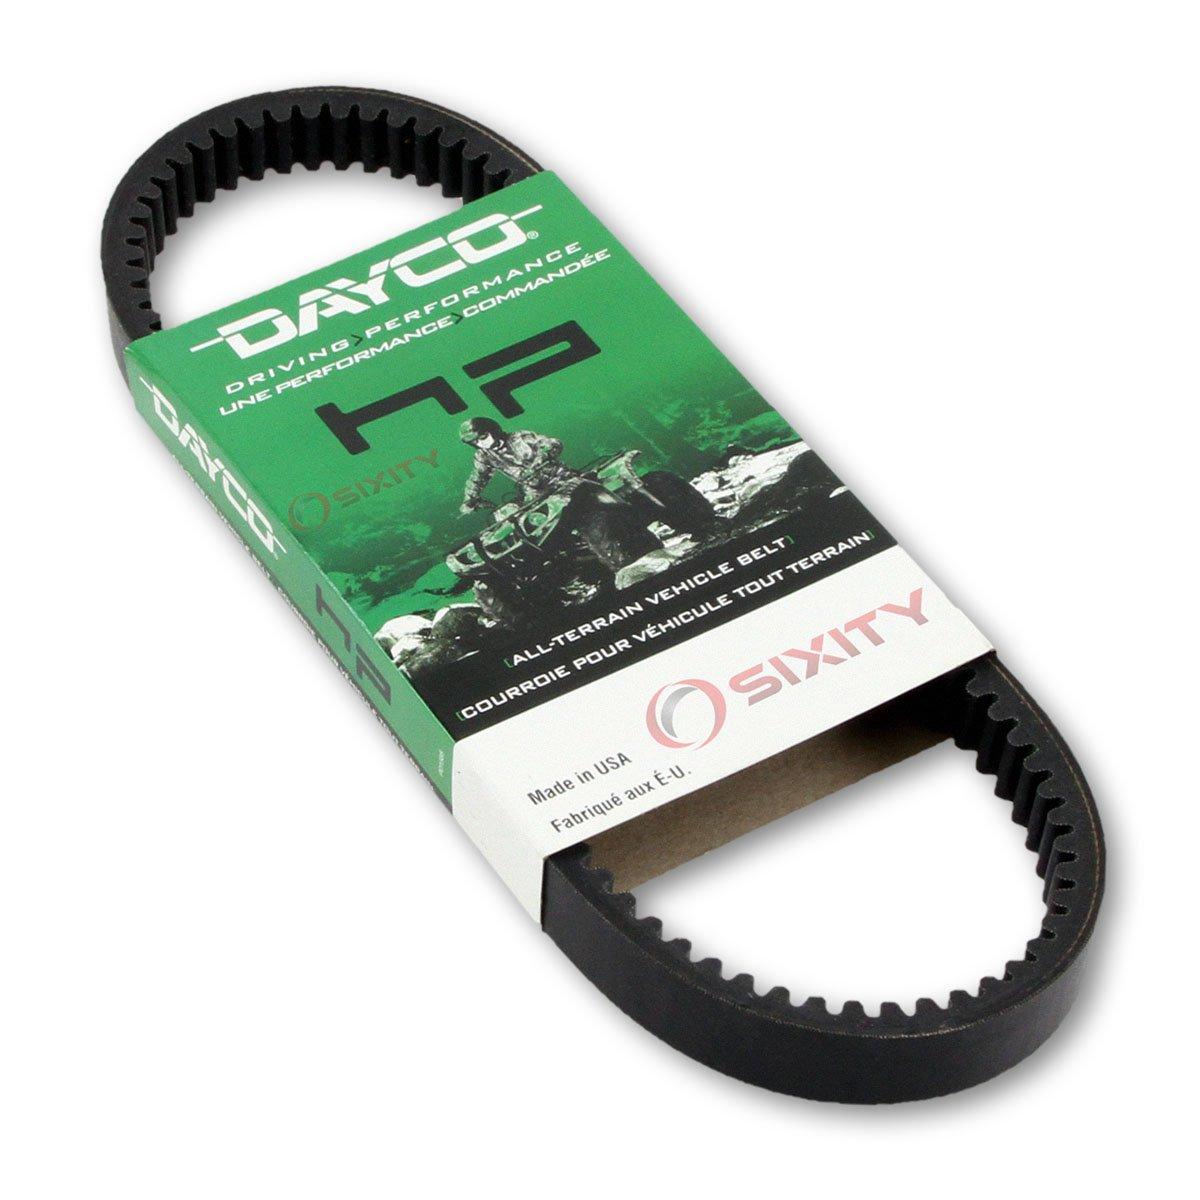 2006-2007 Polaris Ranger 4x4 500 EFI Drive Belt Dayco HP ATV OEM Upgrade Replacement Transmission Belts